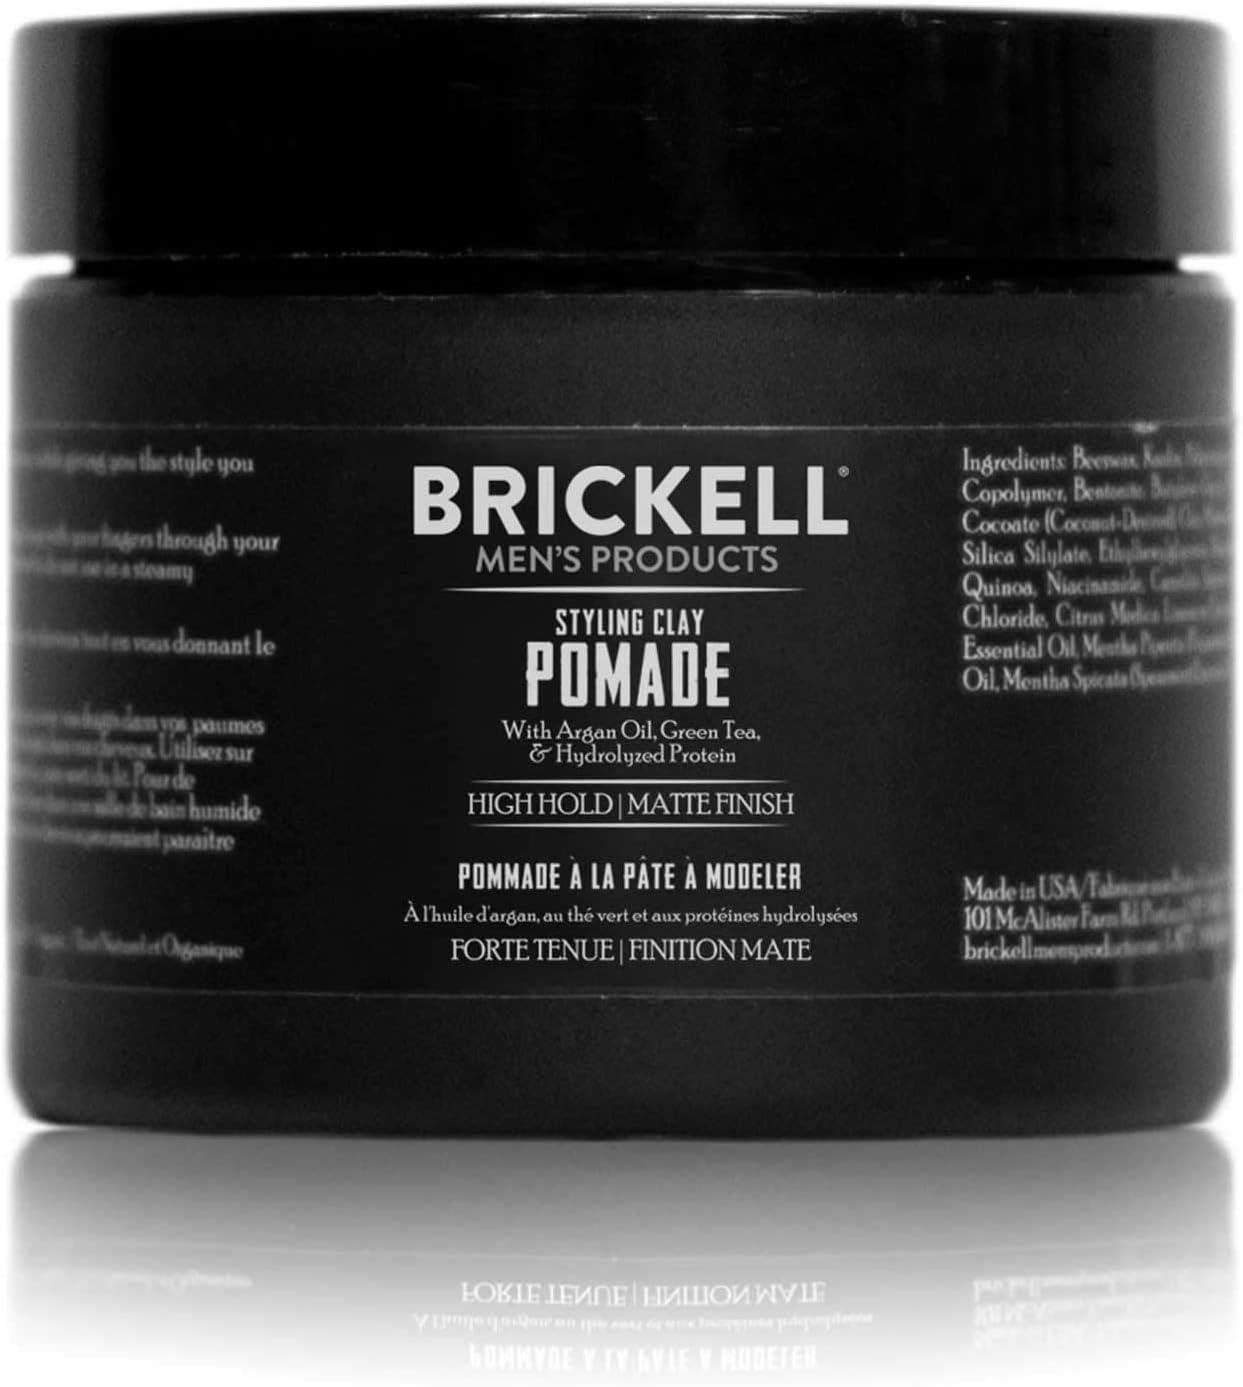 Brickell Men s Styling Clay Pomade para hombres, natural y orgánico con fijación fuerte y acabado mate, producto para peinados modernos, 2 onzas, ...